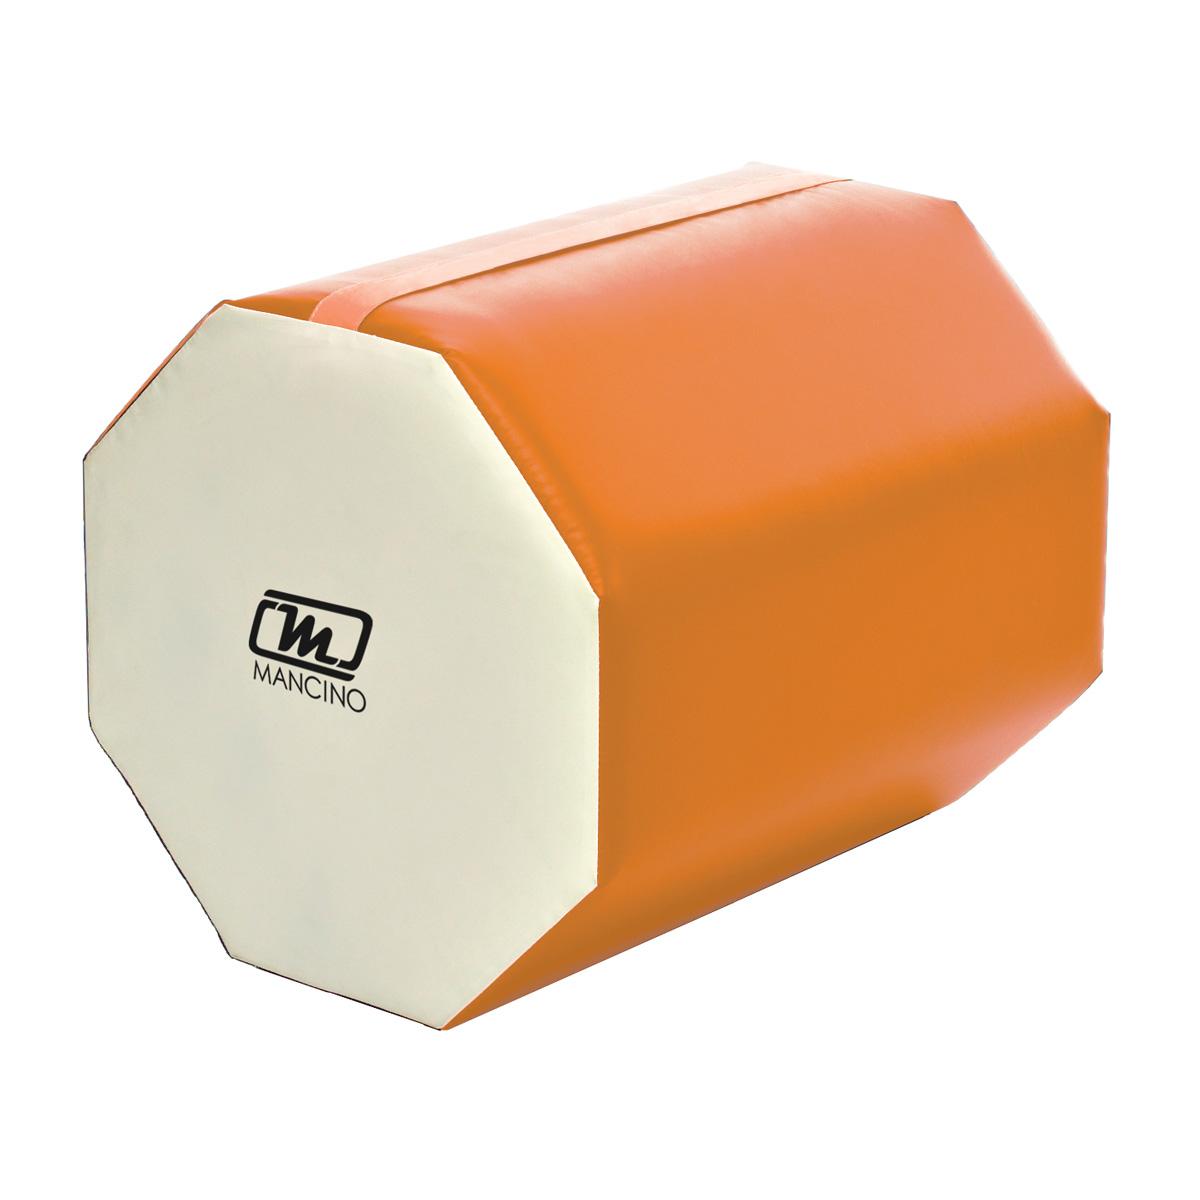 orange and white back handspring trainer